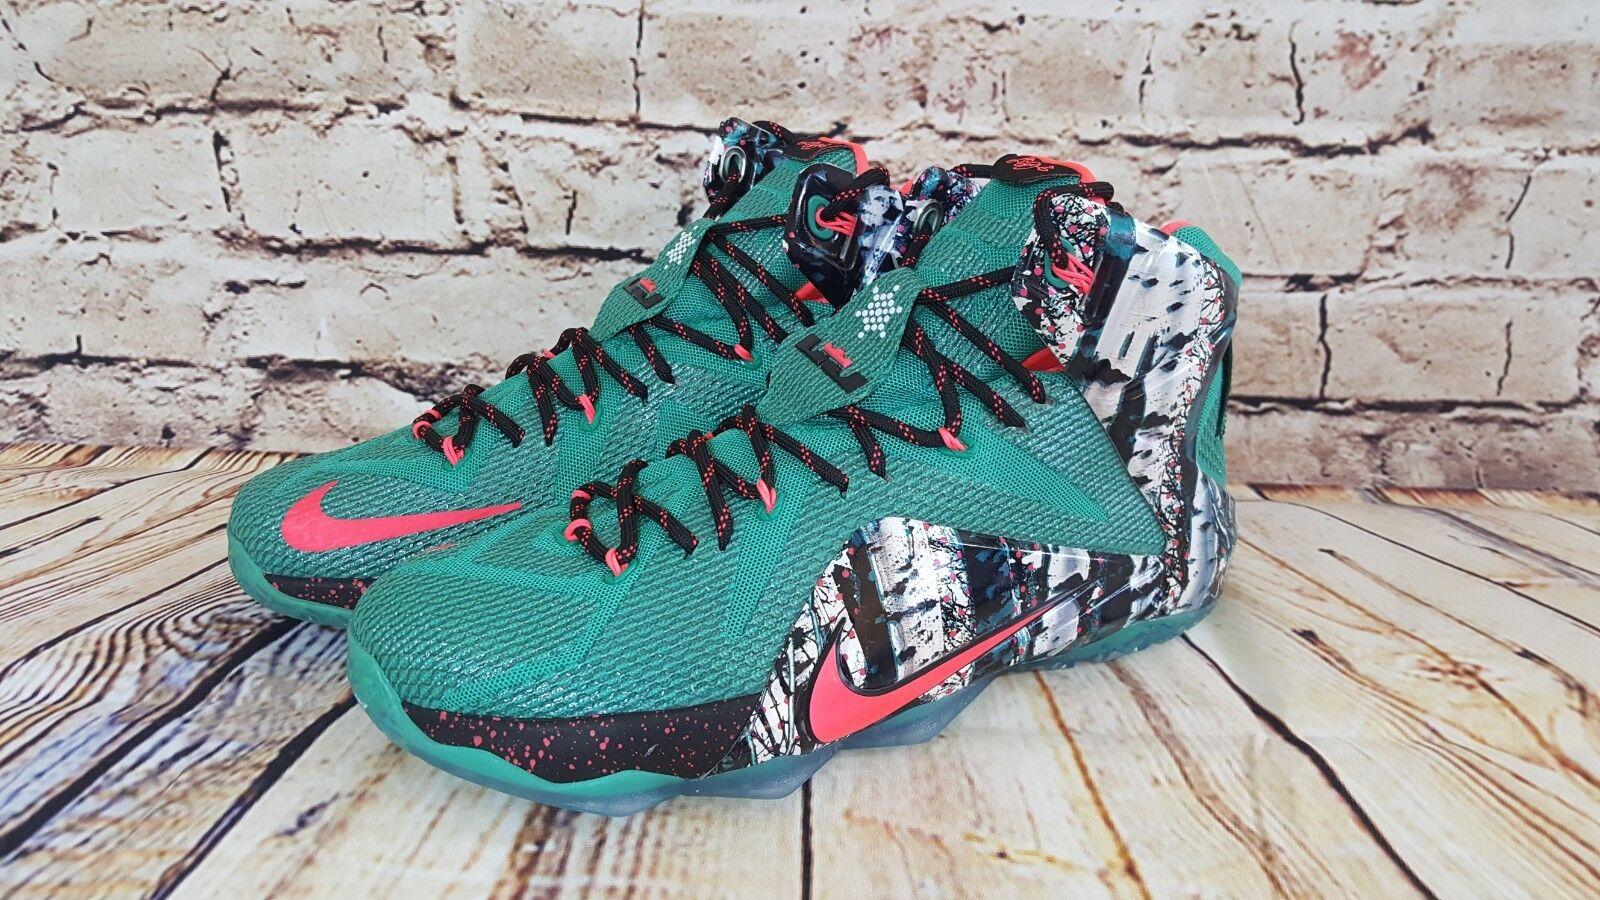 NIKE MENS LEBRON JAMES XII X-Mass EDITION BASKETBALL SHOE Cheap women's shoes women's shoes